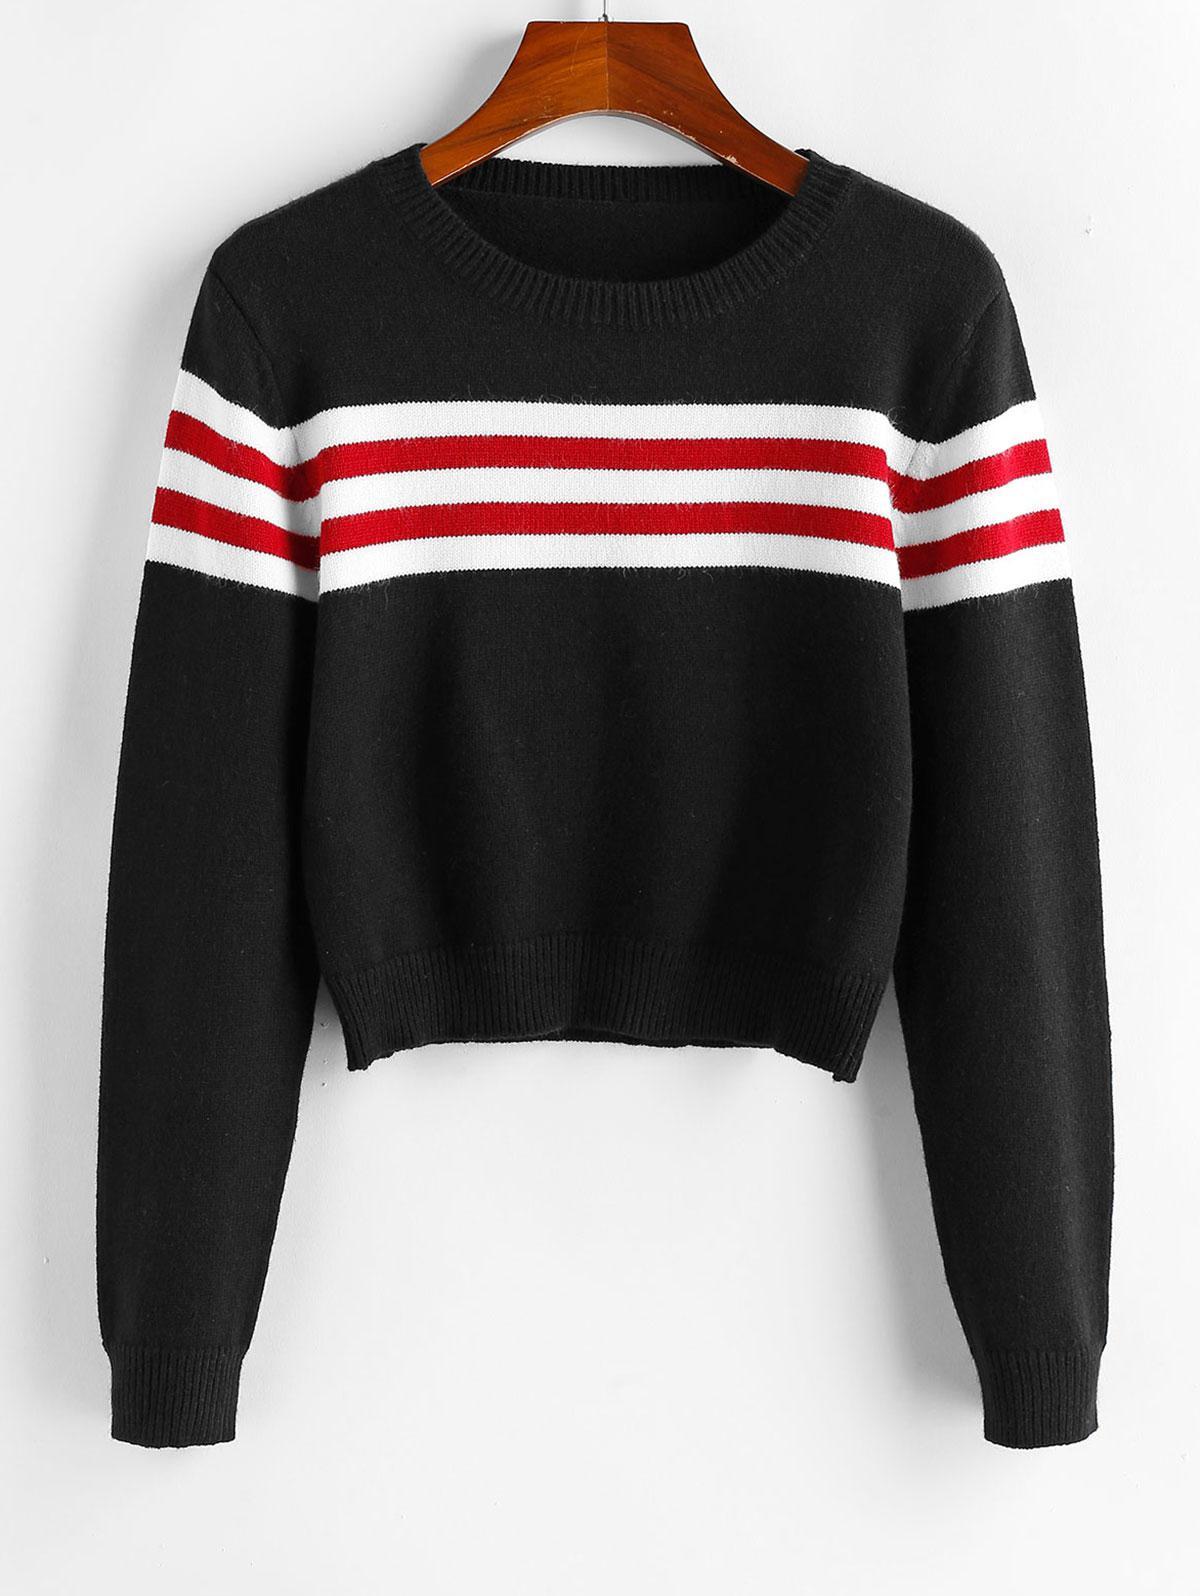 ZAFUL Striped Crop Jumper Sweater